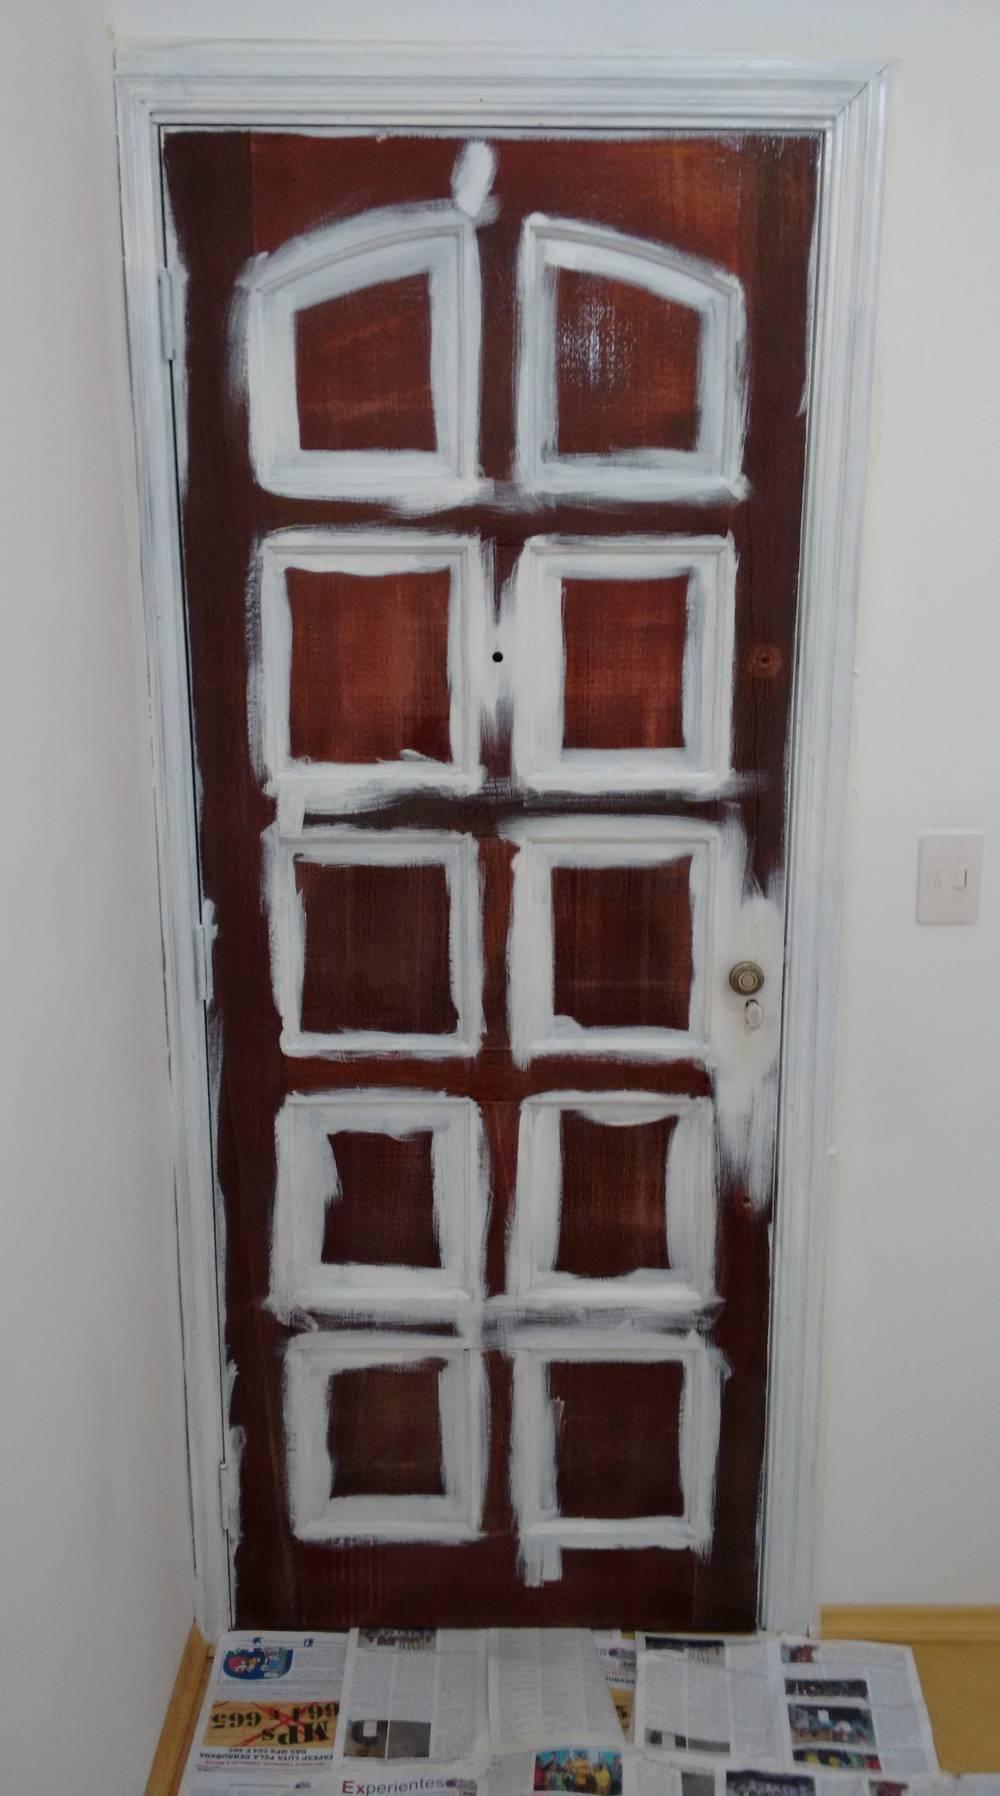 Serviço de Manutenção em Residências no Taboão - Manutenção Residencial na Zona Sul